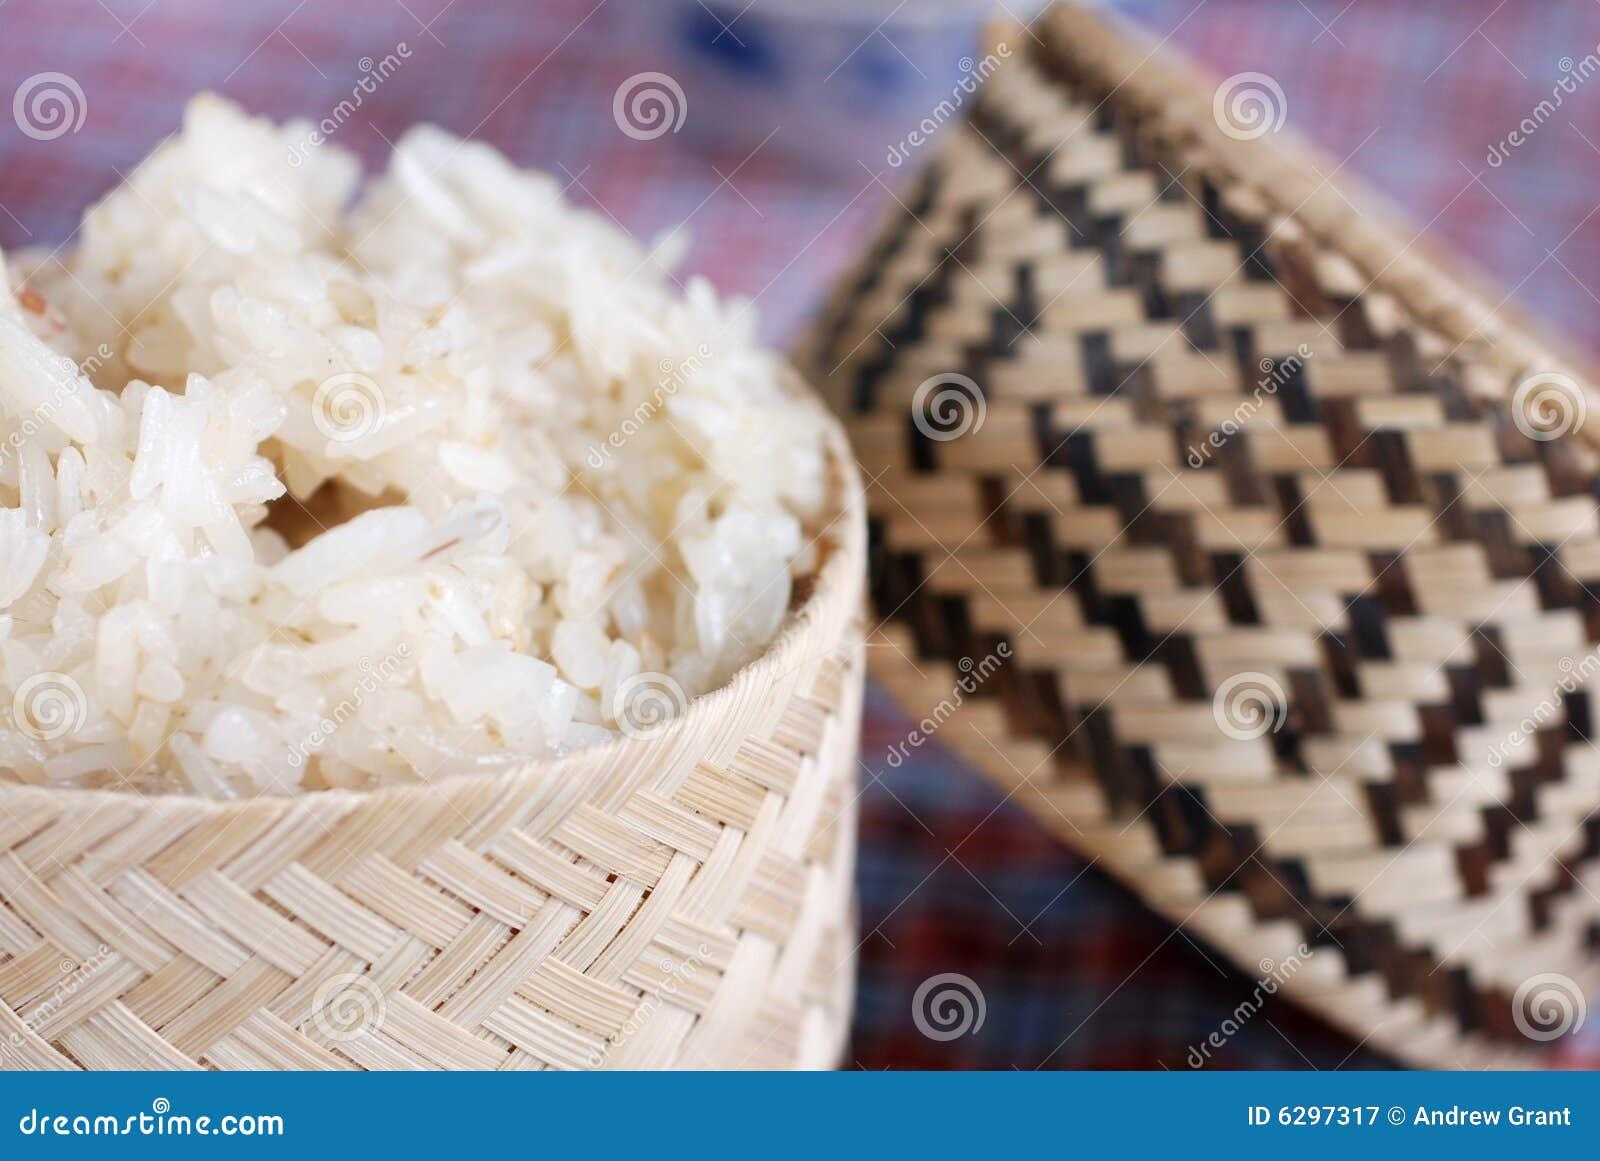 Arroz pegajoso tradicional